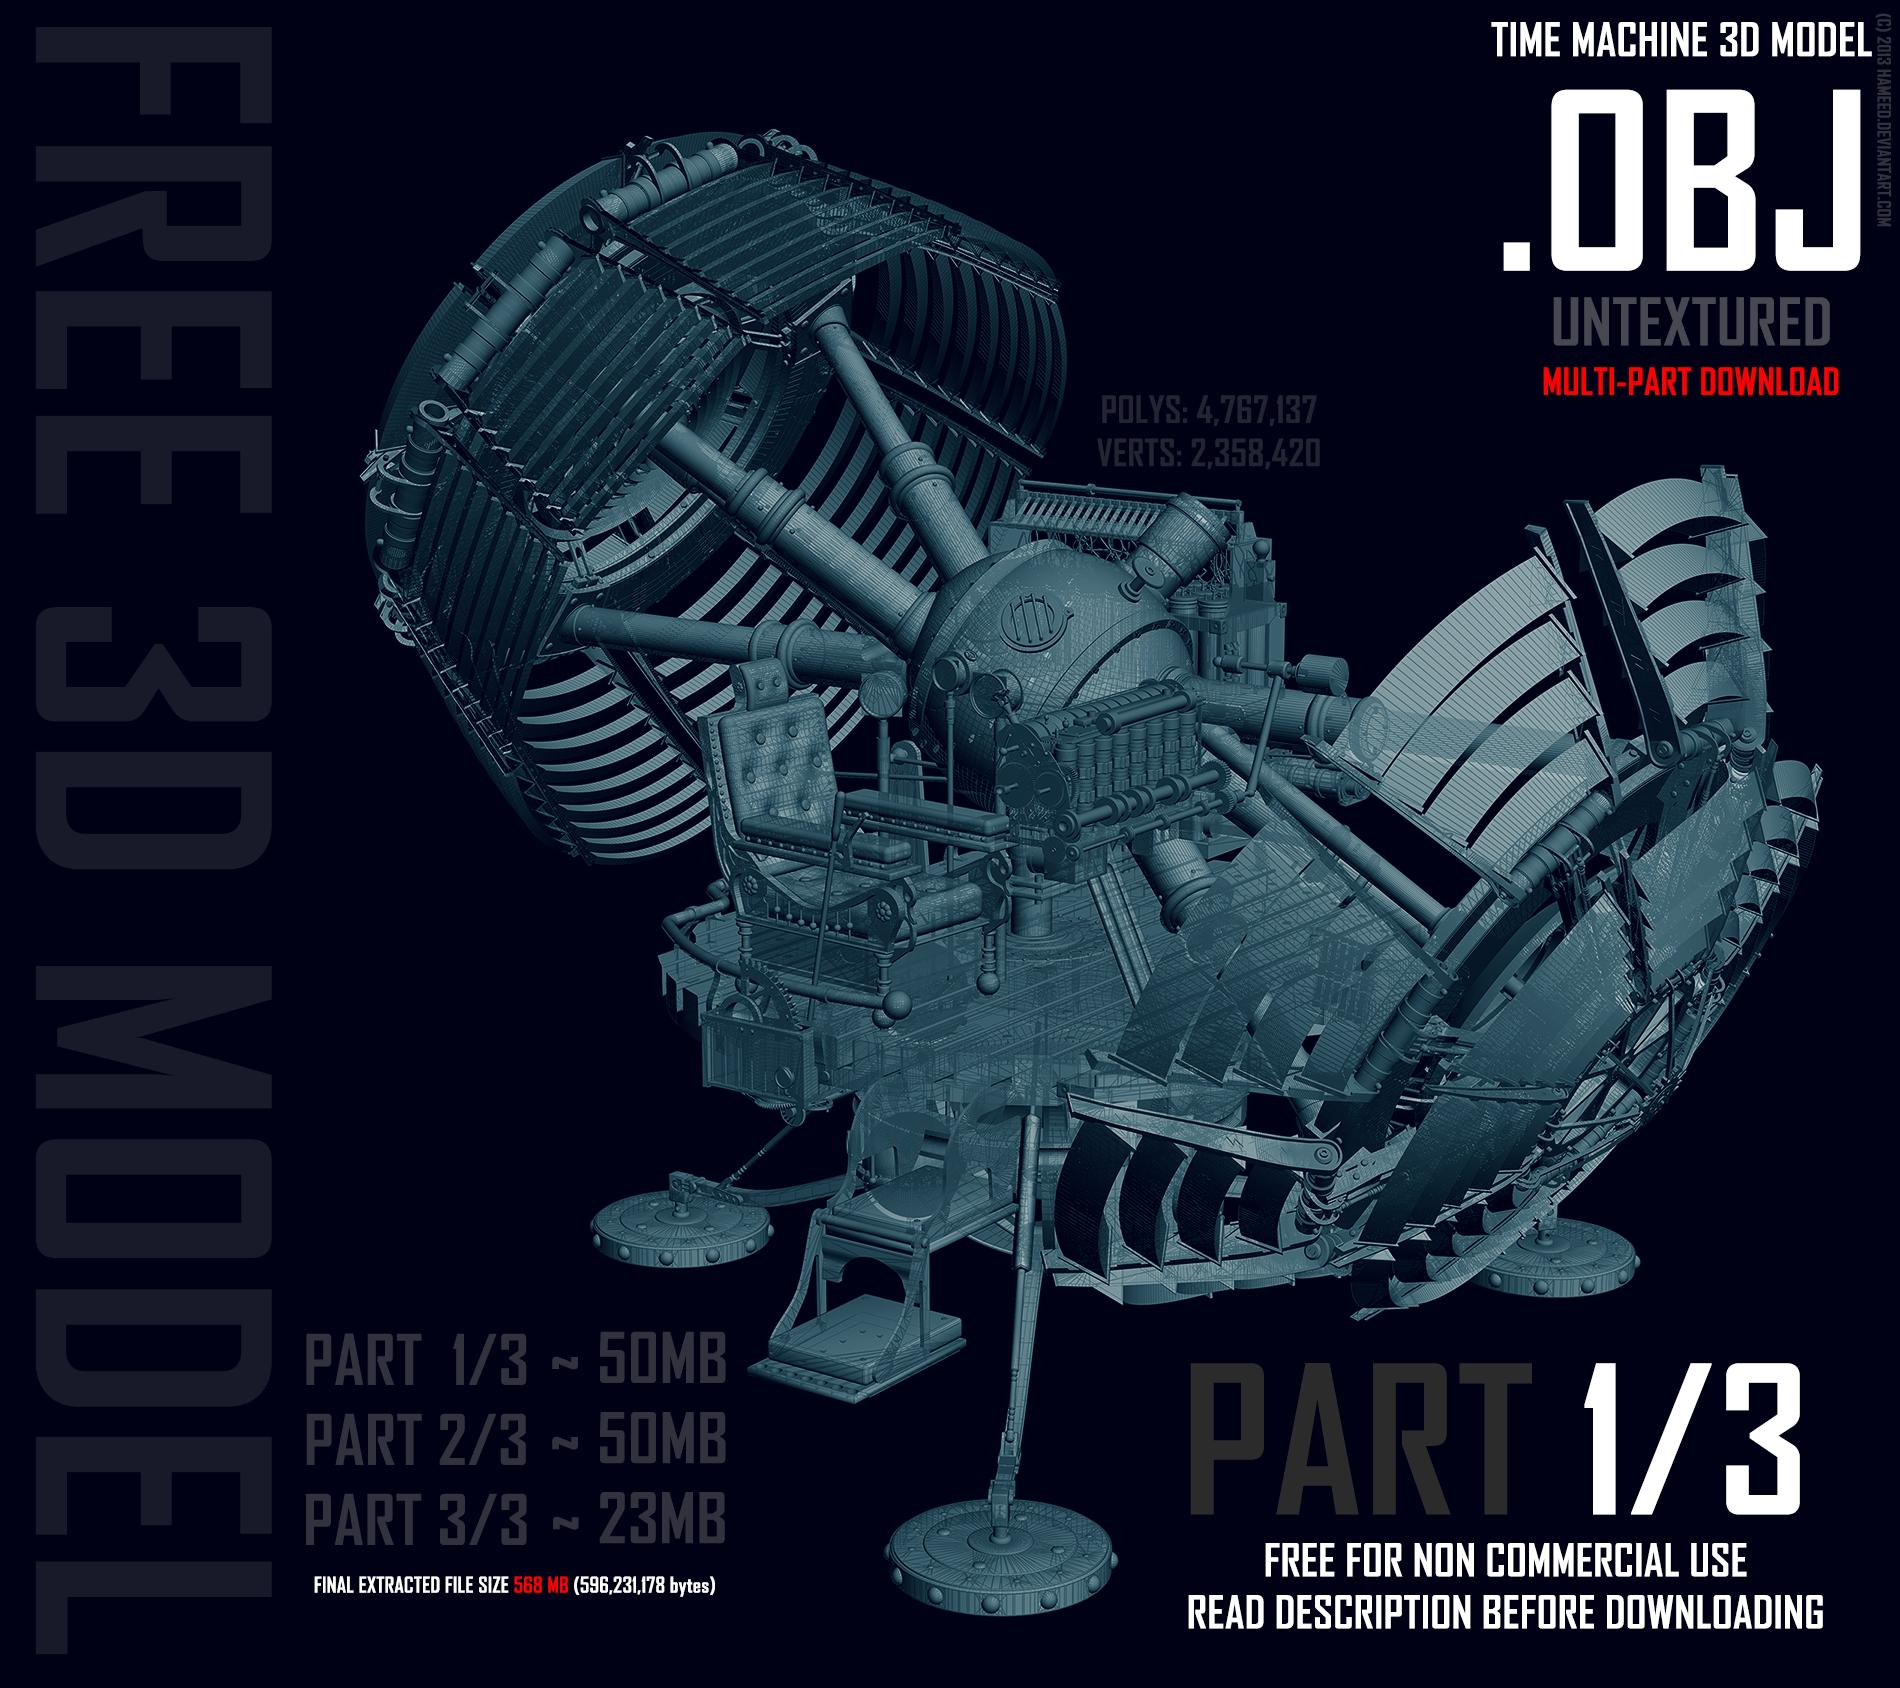 Time Machine 3D Model OBJ - 1 OF 3 by Hameed